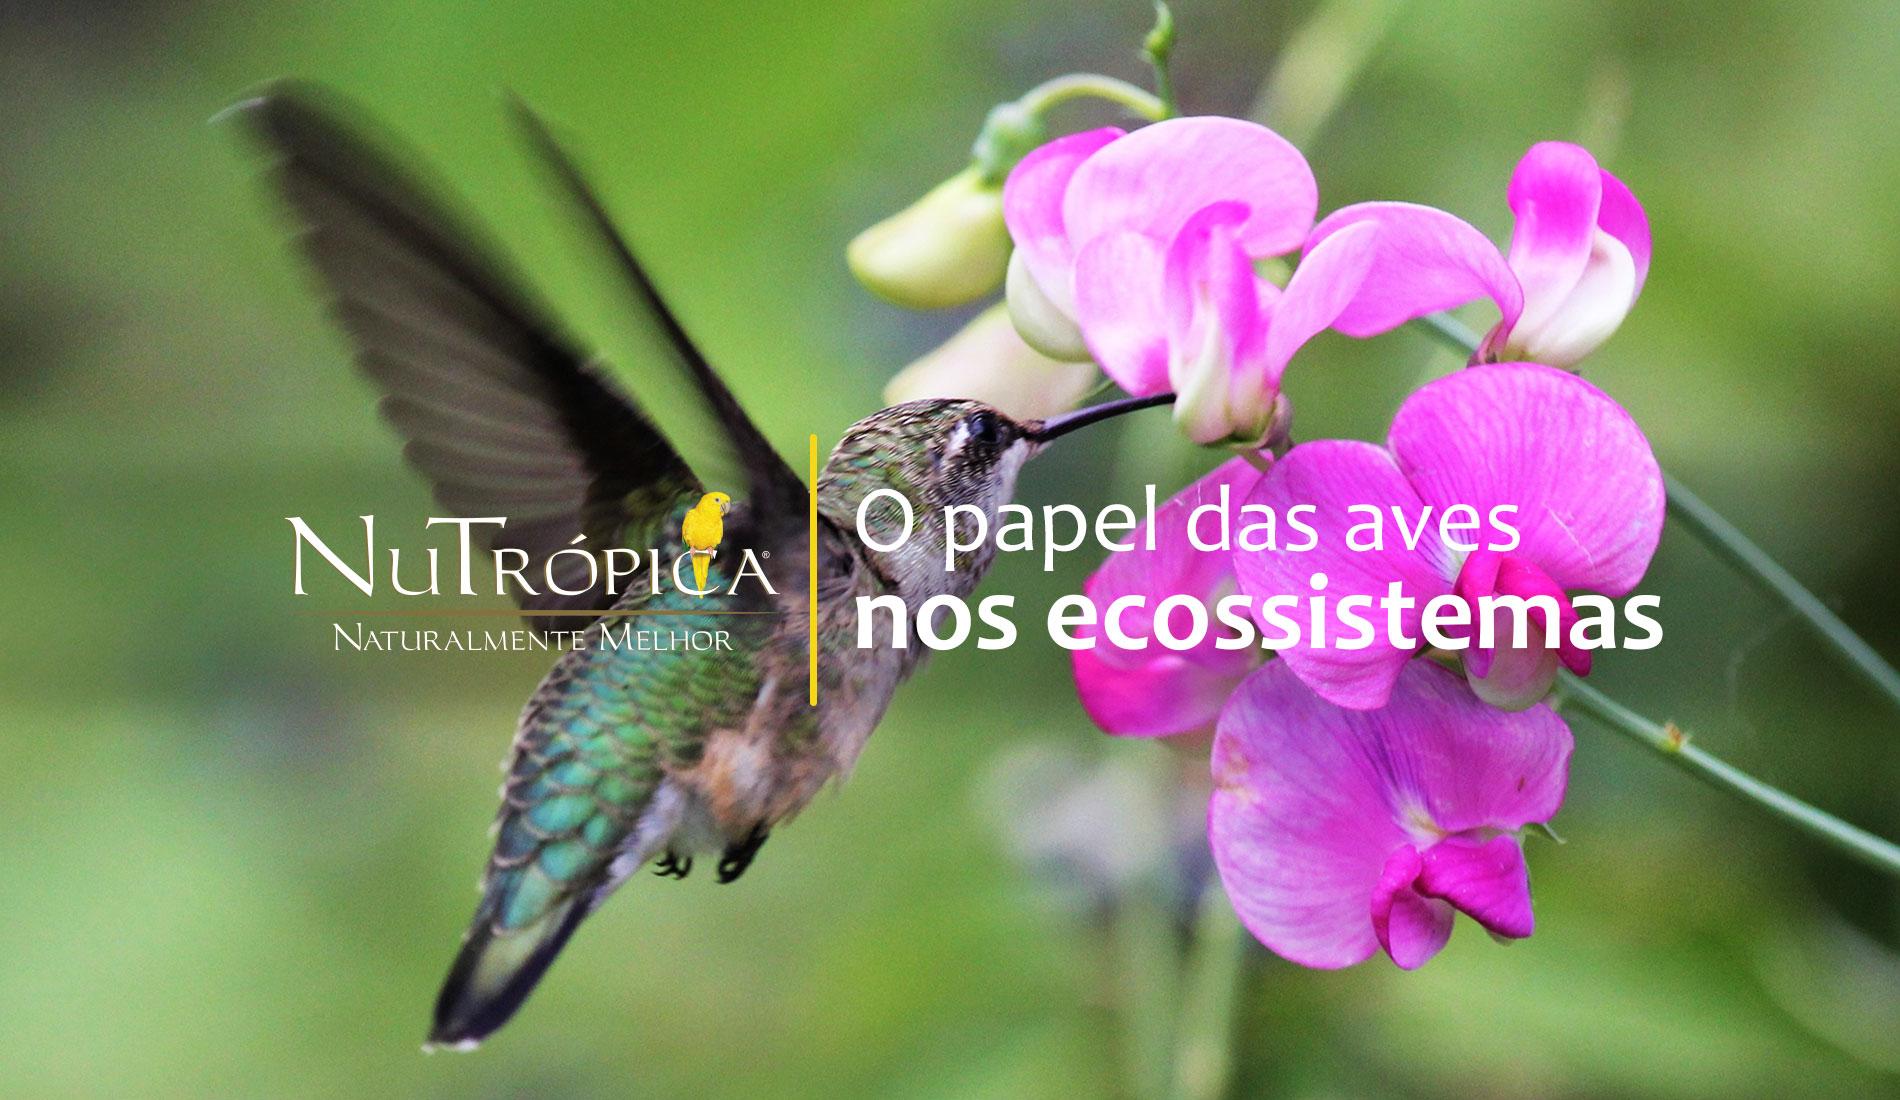 Saiba mais sobre o papel das aves nos ecossistemas